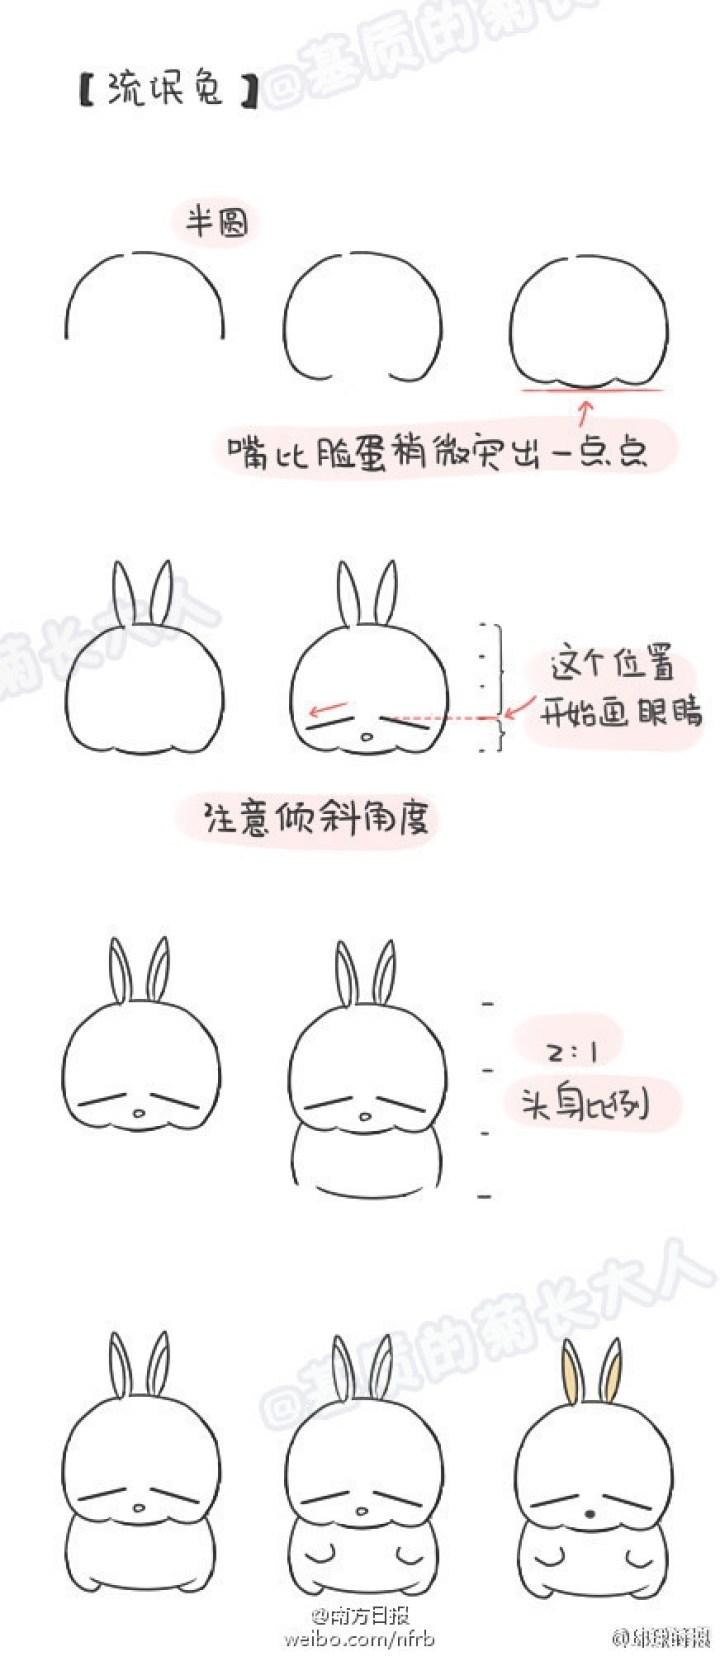 简单可爱的龙猫简笔画-简单易画的可爱图片,简单绘画可爱卡通人物